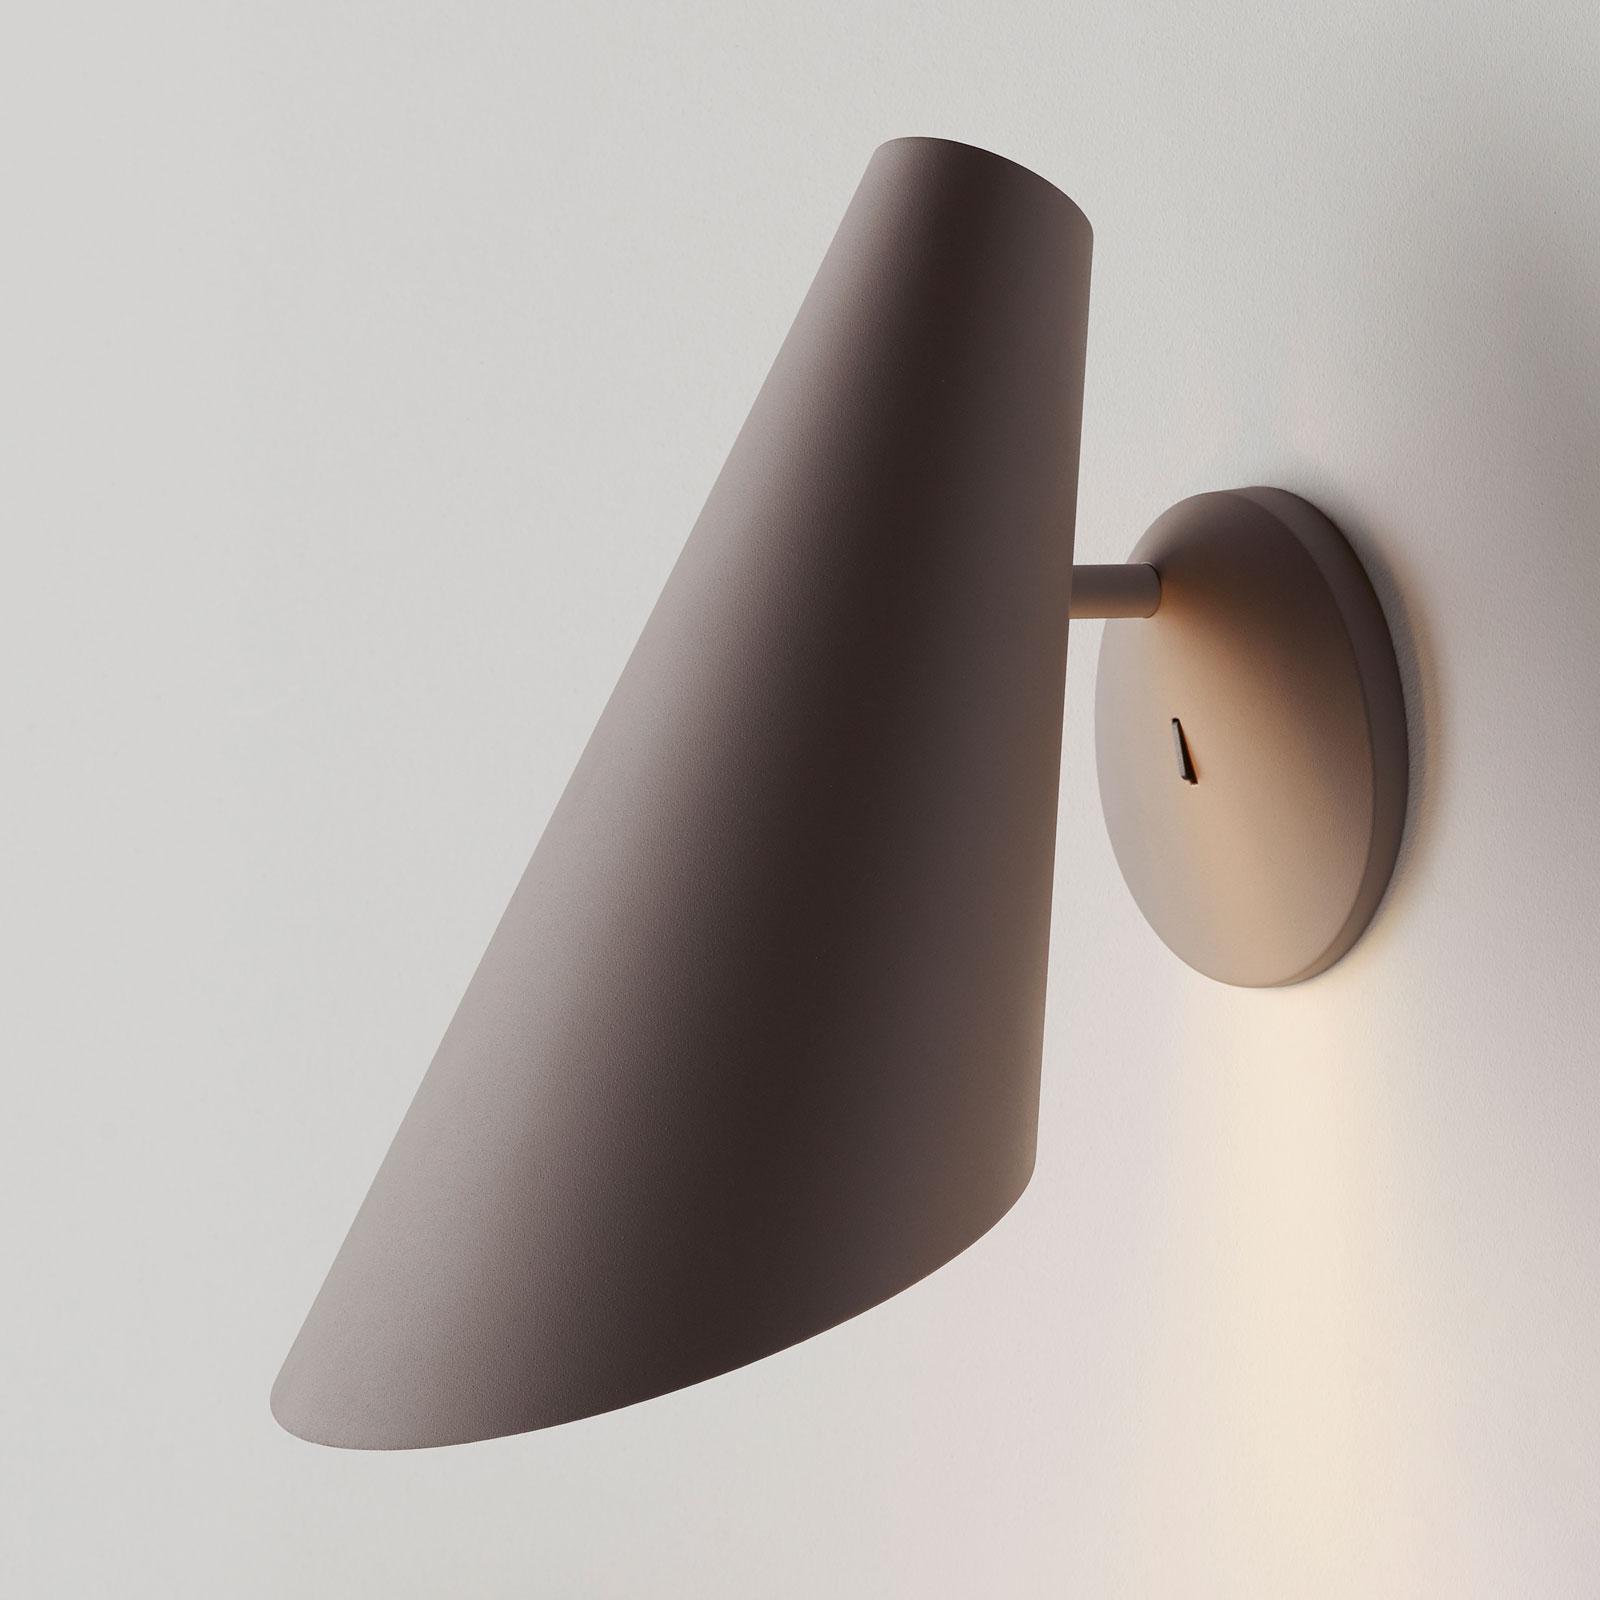 Vibia I.Cono 0720 applique, 28cm, beige